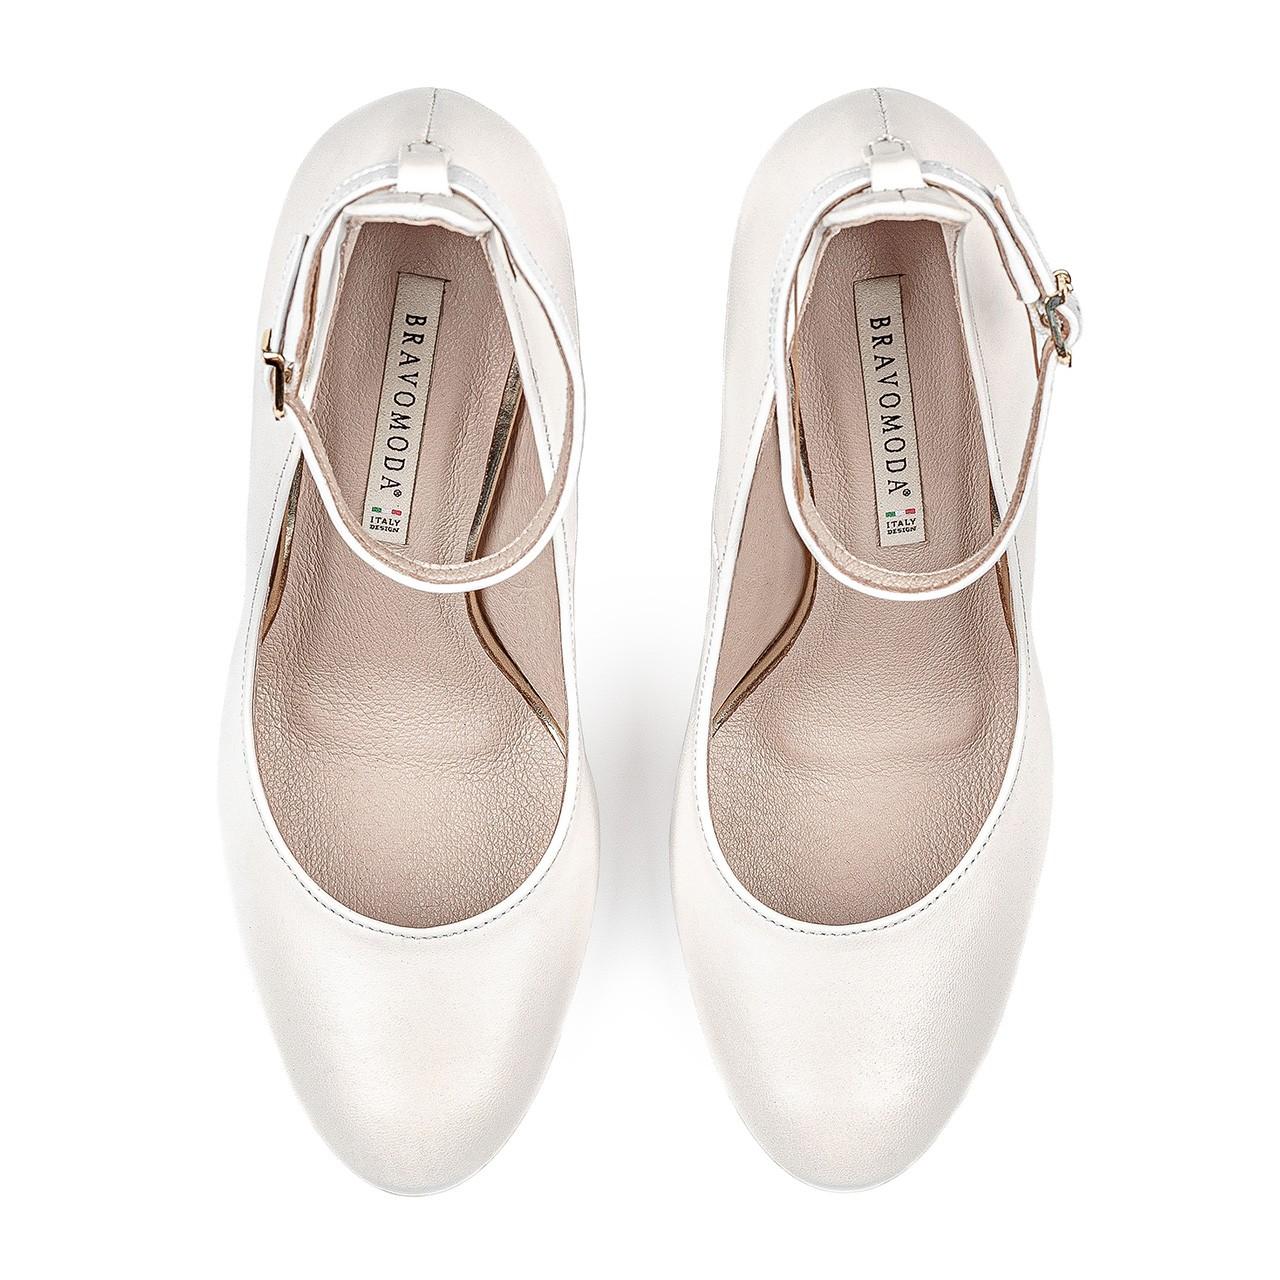 Białe skórzane buty ślubne na stabilnym obcasie zapinane przy kostce